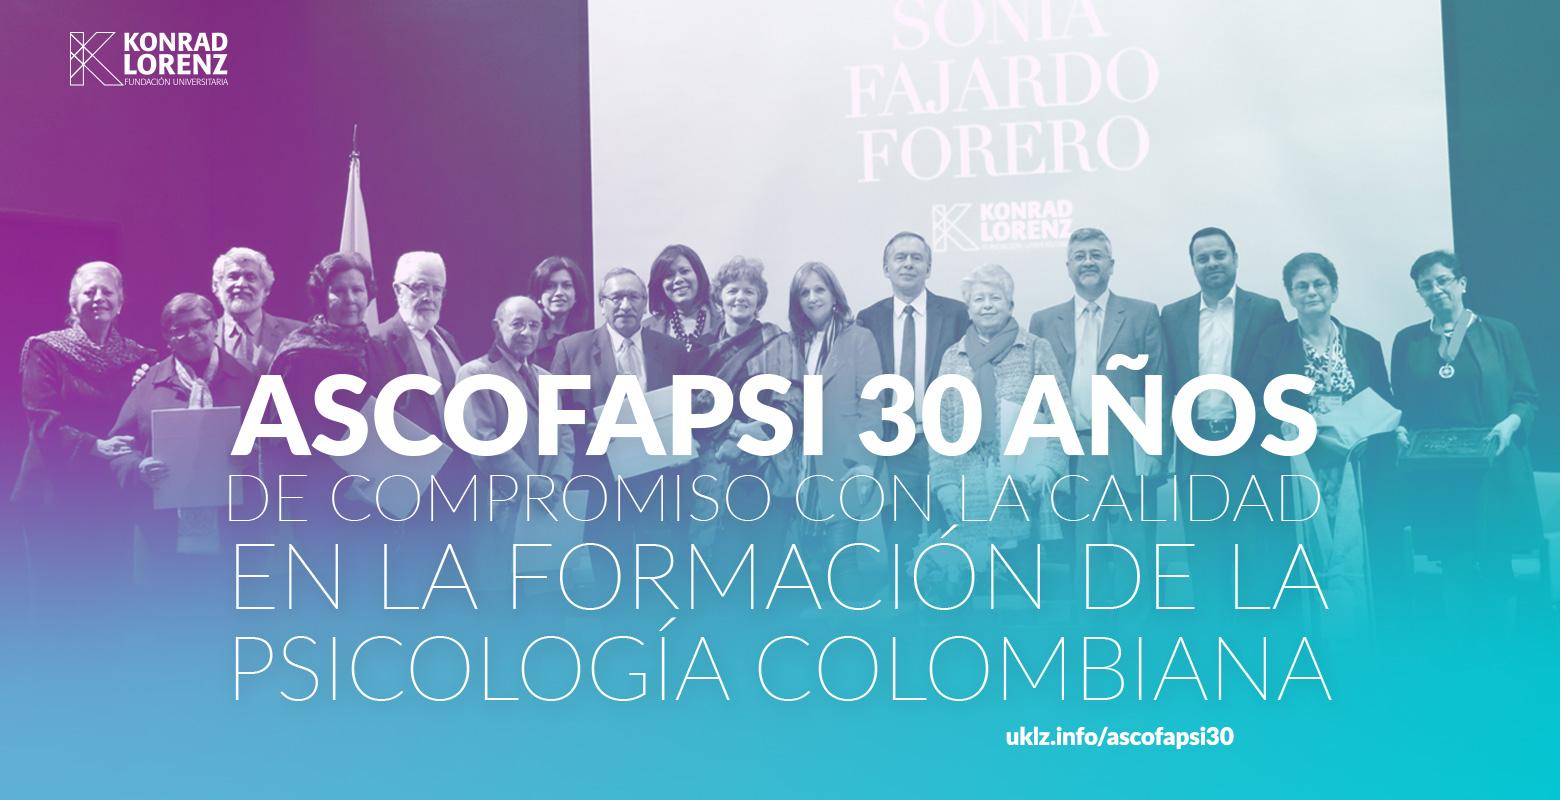 ASCOFAPSI 30 años de compromiso con la calidad en la formación de la Psicología Colombiana